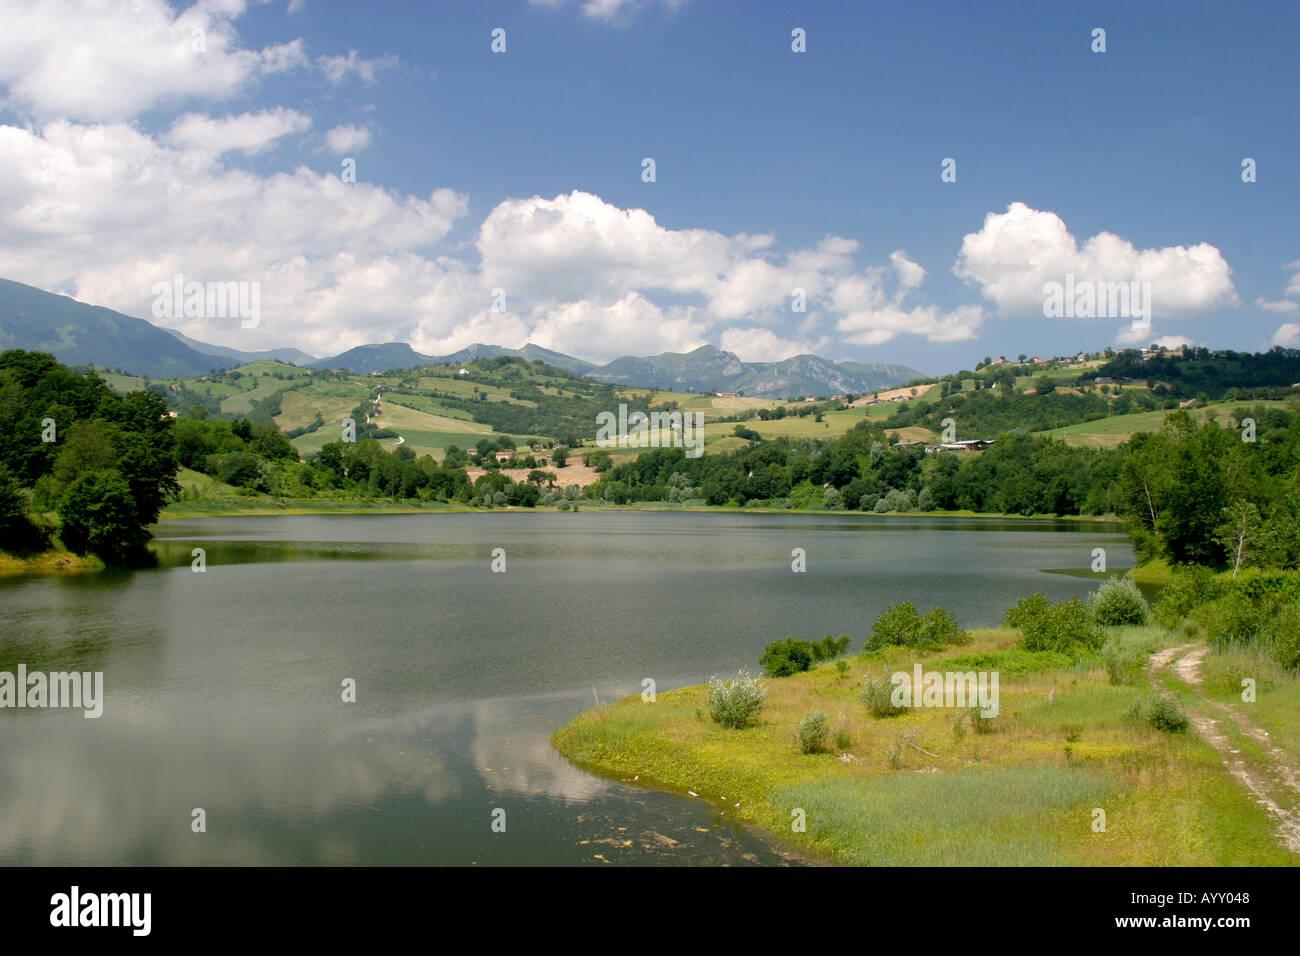 Landscape view of Lago San Rifino Le Marche Italy - Stock Image